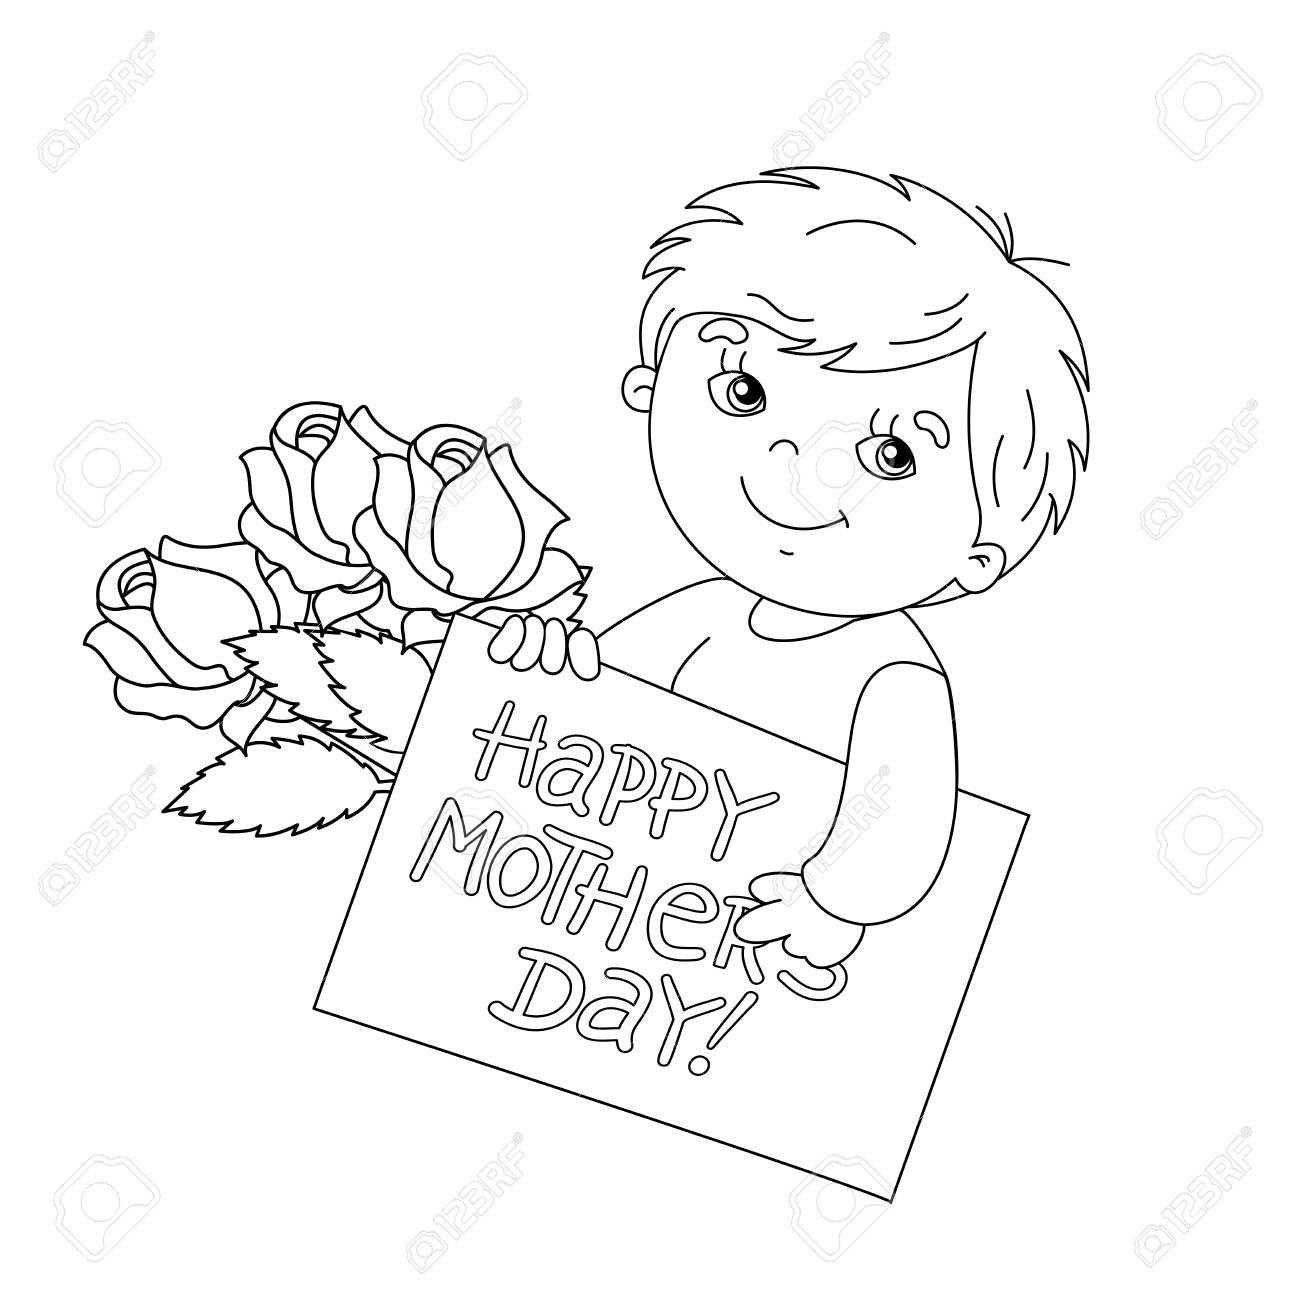 Feliz Dia De Las Madres Coloring Pages - Coloring Pages Kids 2019 | 1300x1300